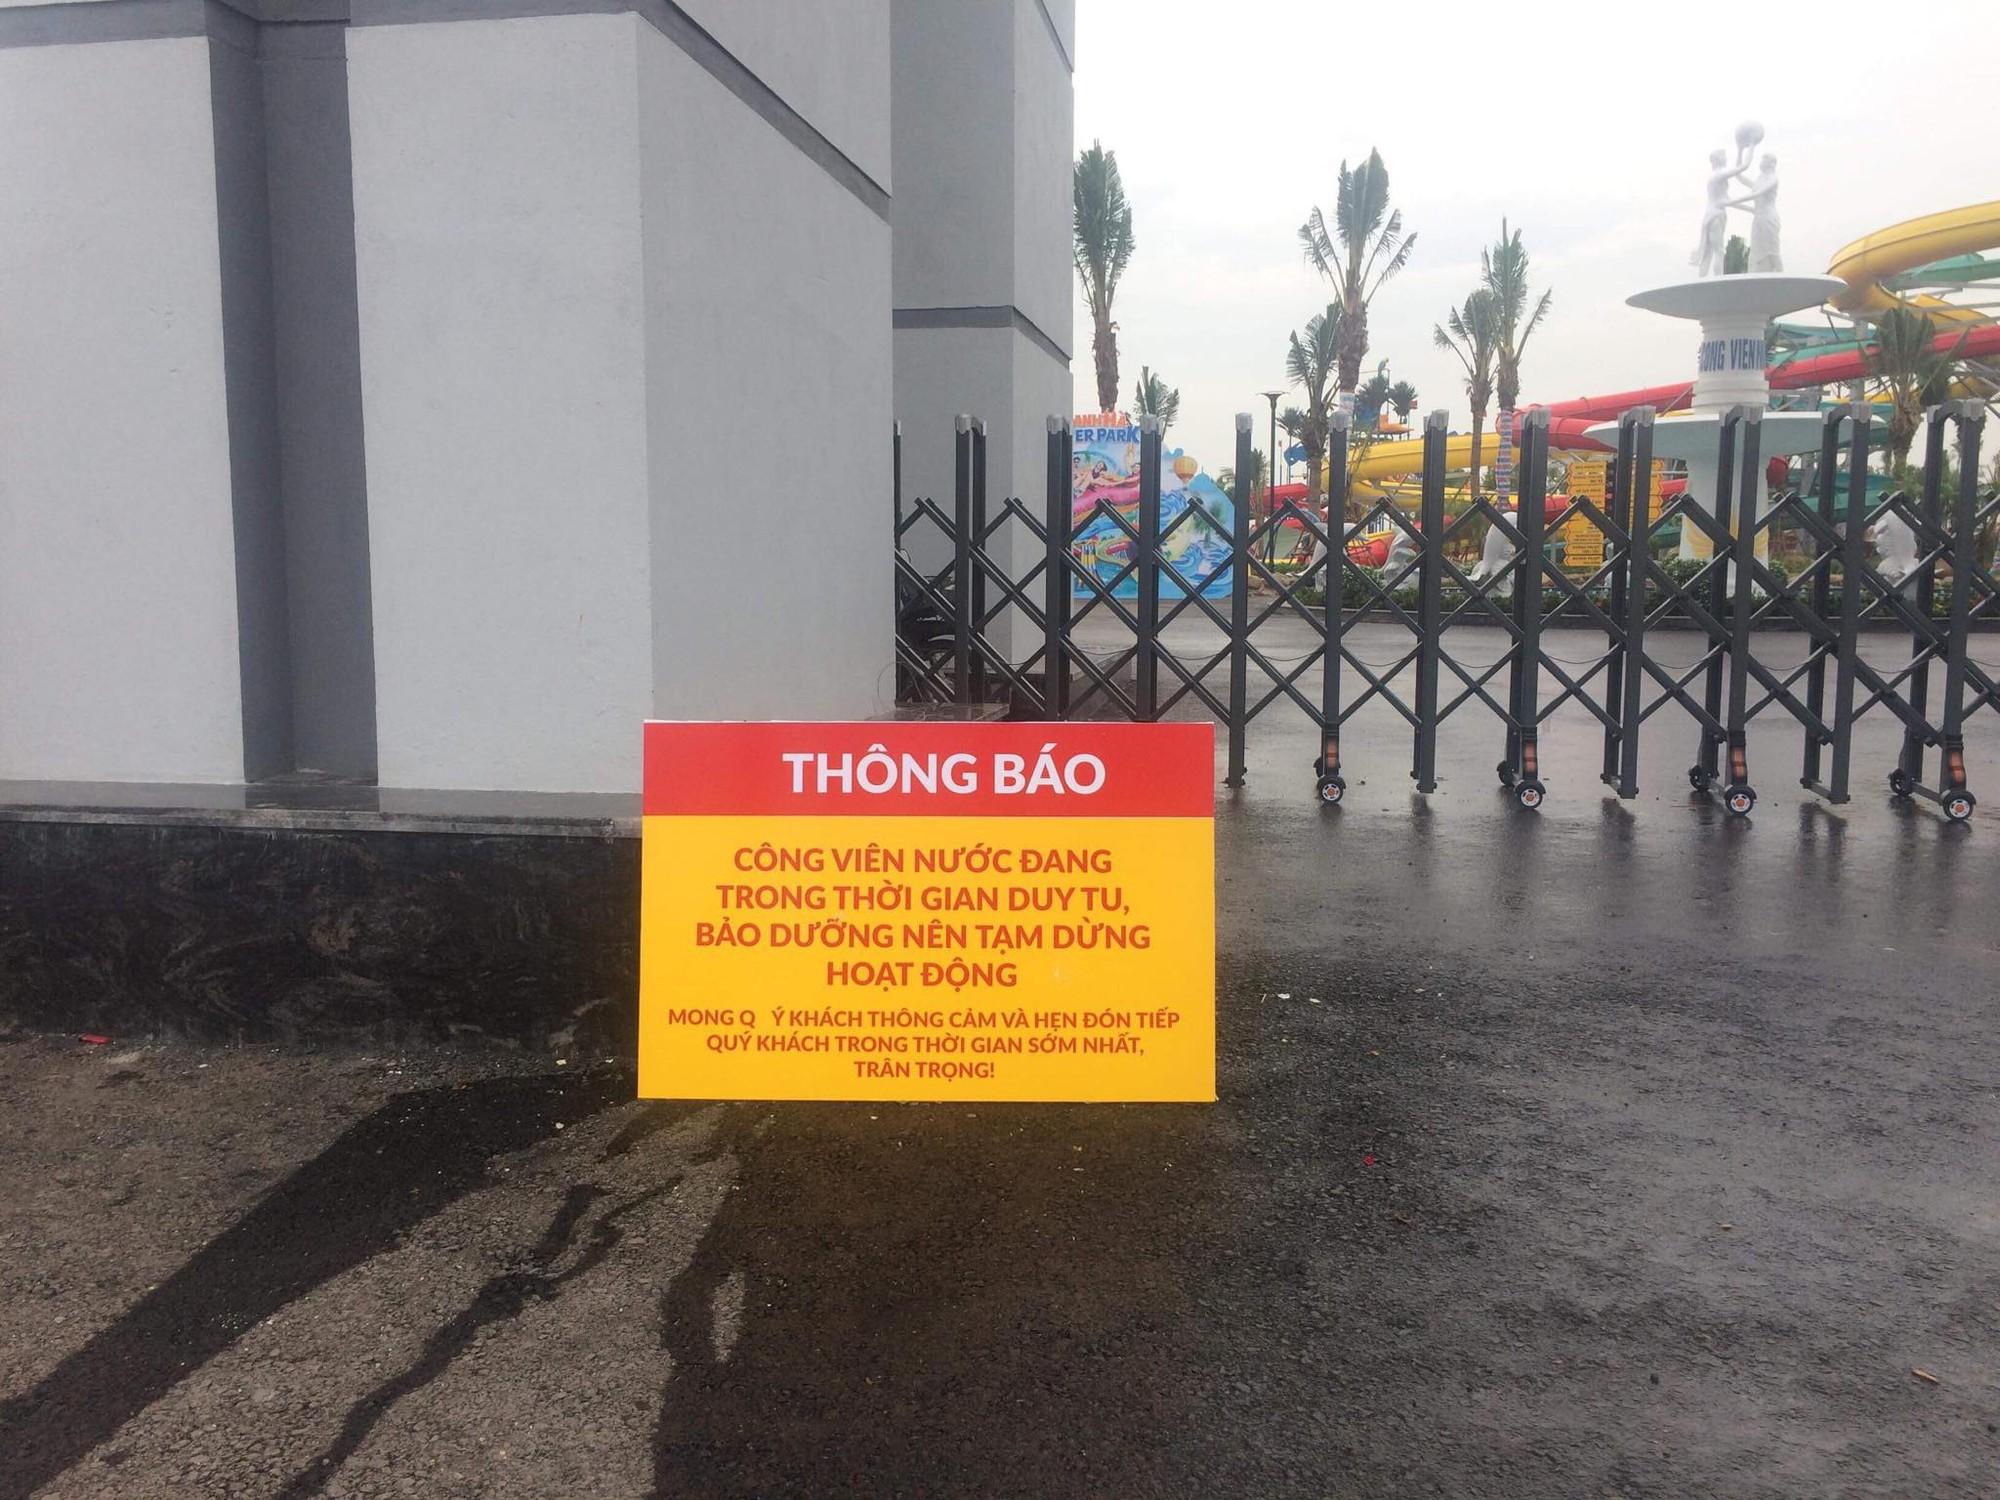 Công viên nước Thanh Hà tạm dừng hoạt động sau sự cố bé trai đuối nước - Ảnh 1.